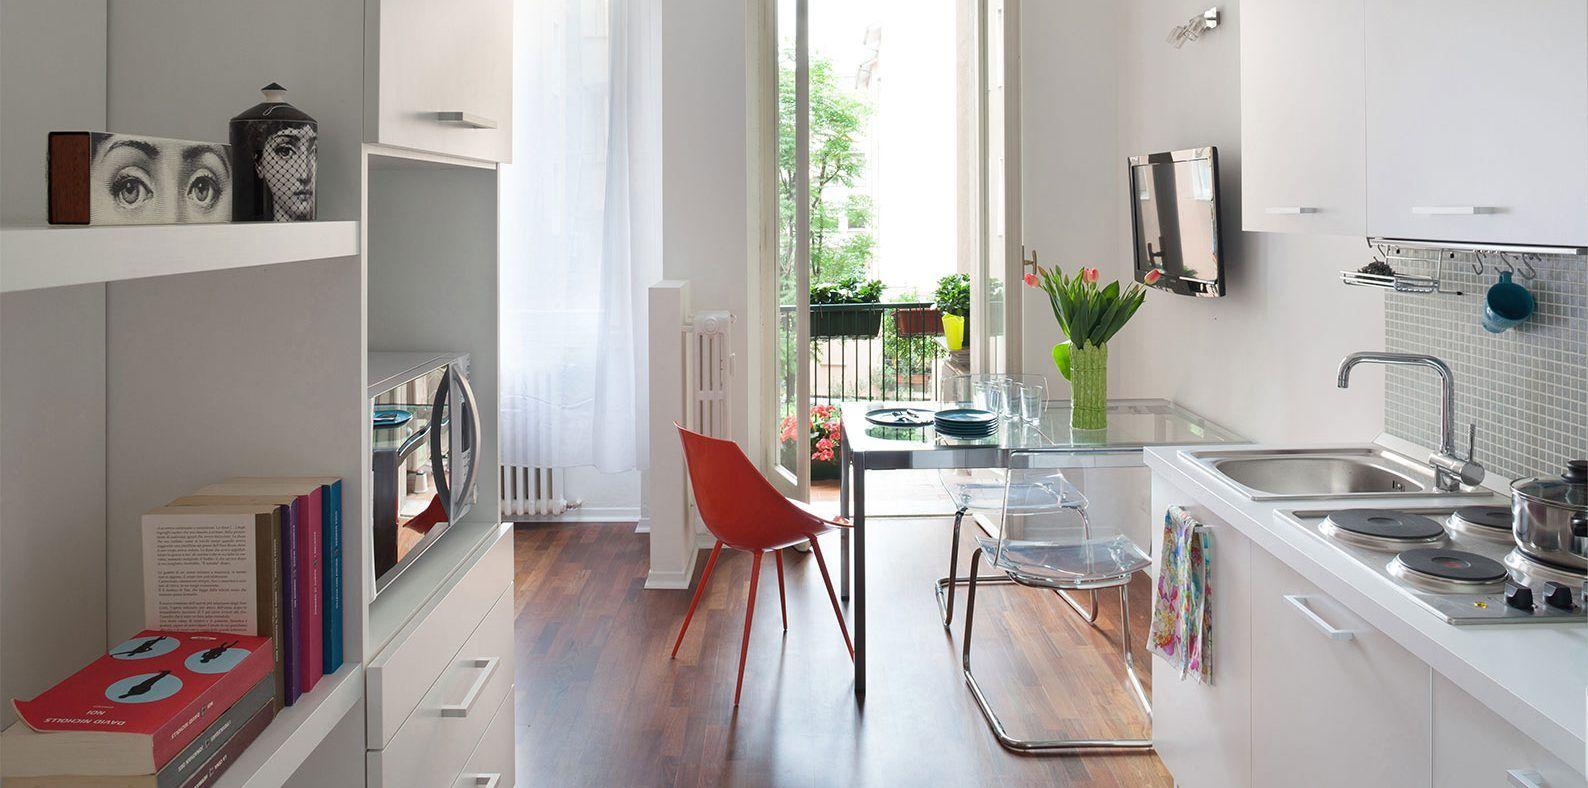 Monolocale 28 Mq Ben Sfruttati Monolocale Design Appartamento